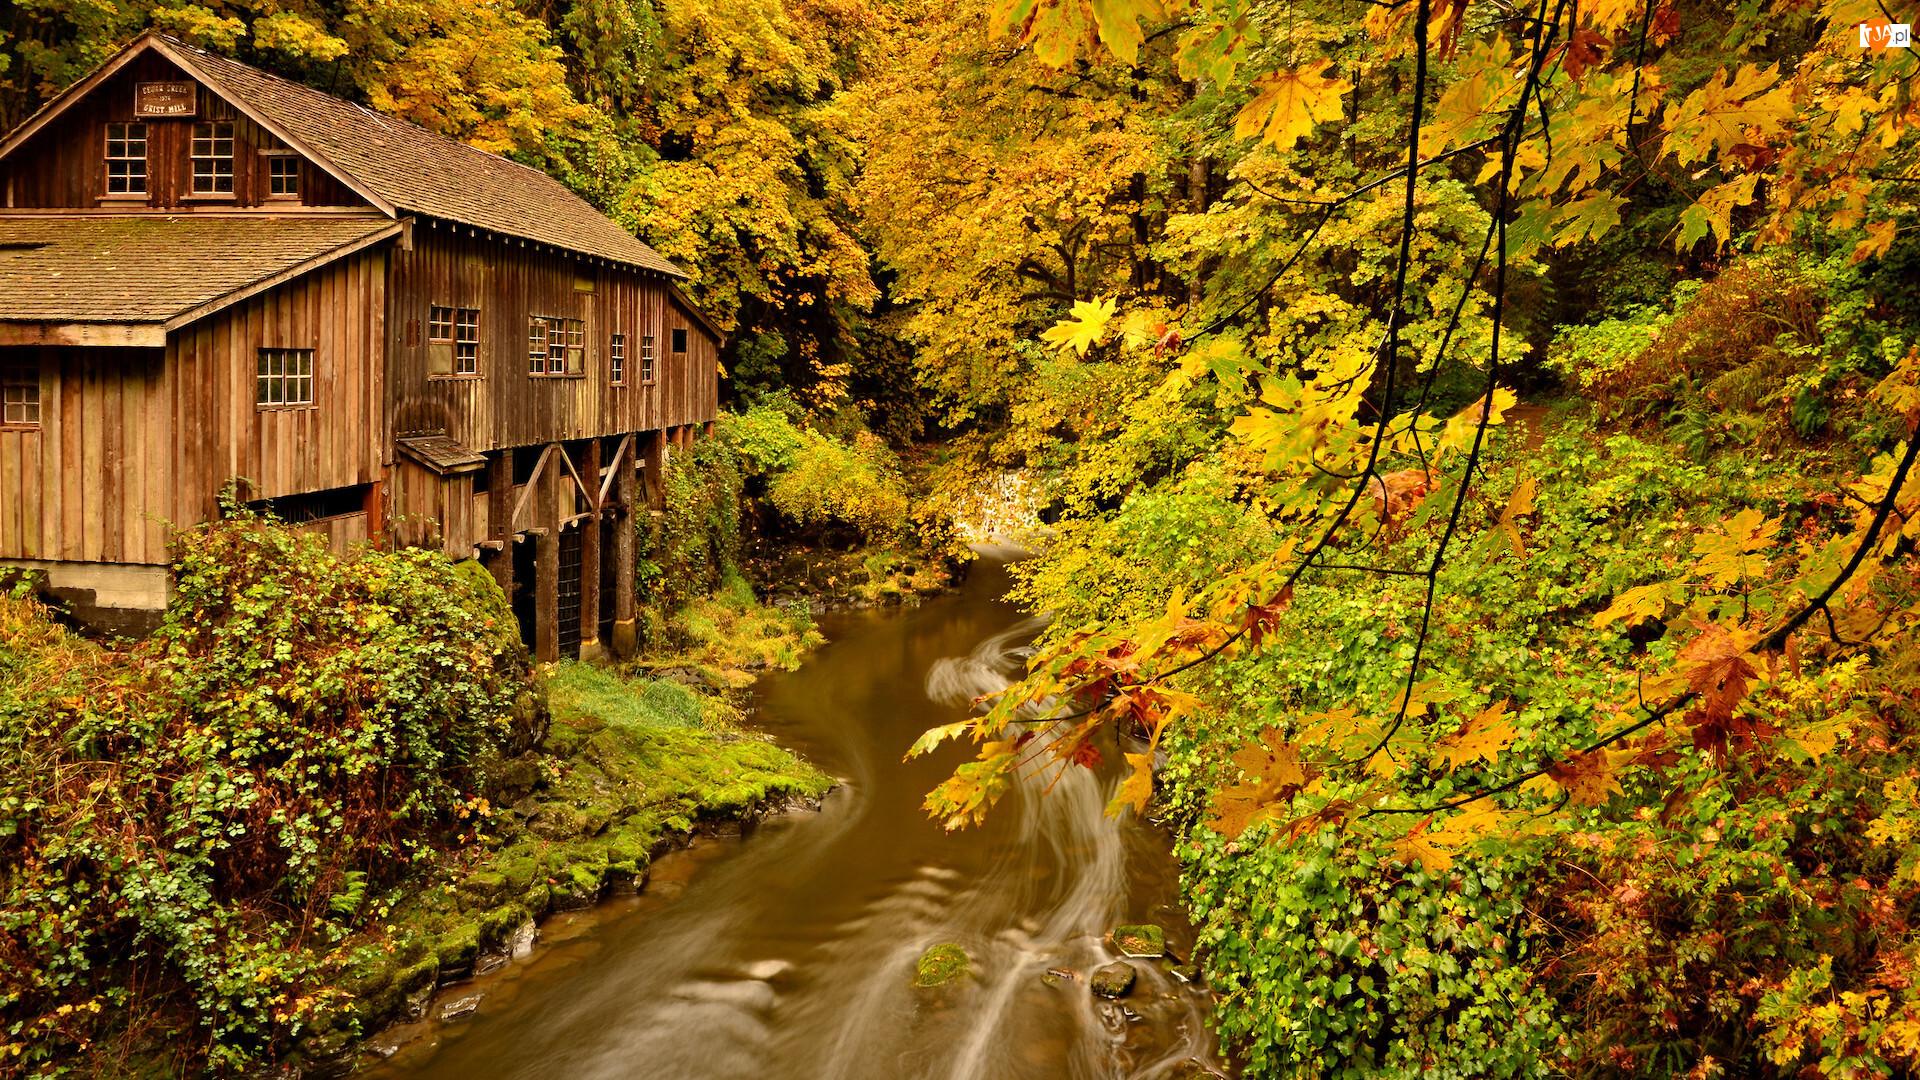 Stany Zjednoczone, Jesień, Woodland, Las, Cedar Creek Grist Mill, Młyn, Lewis River, Rzeka, Drzewa, Stan Waszyngton